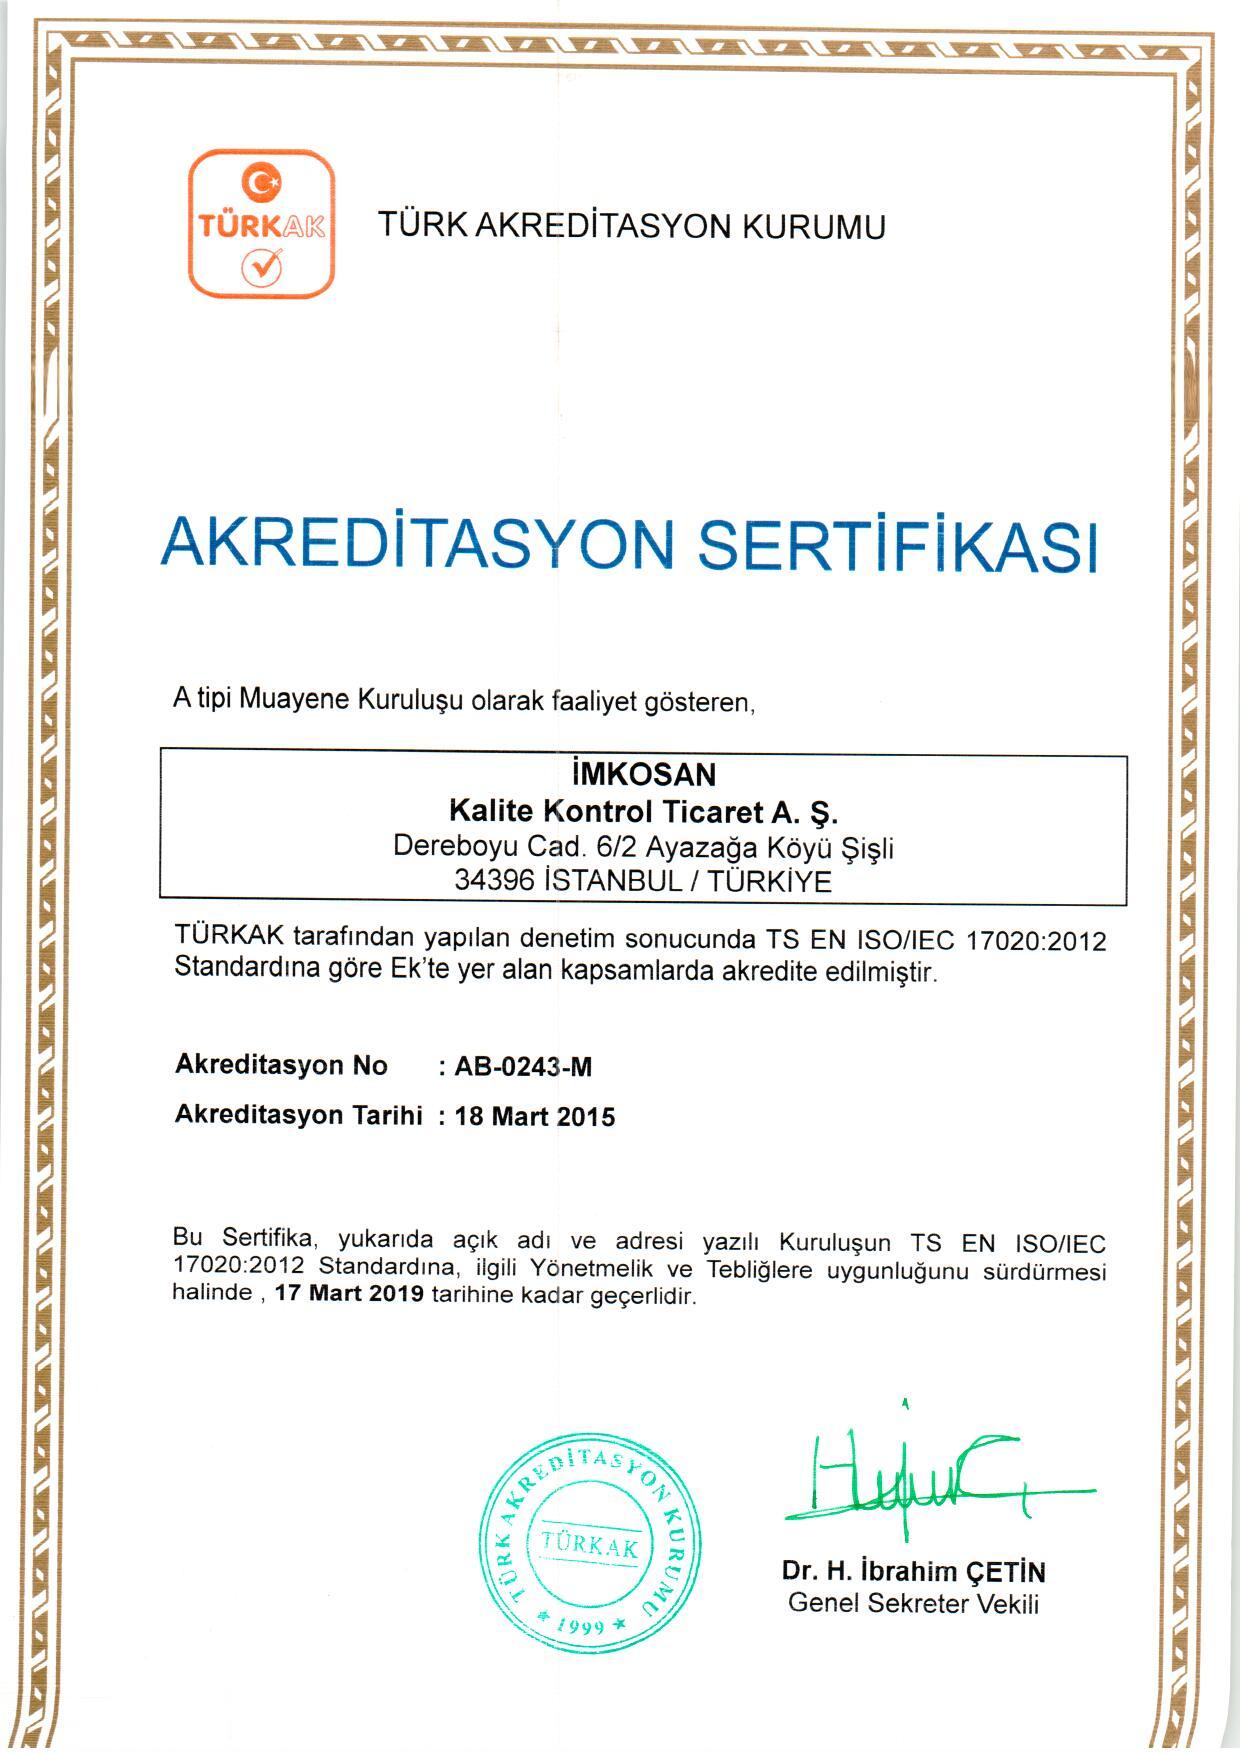 Türkak Sertifikası